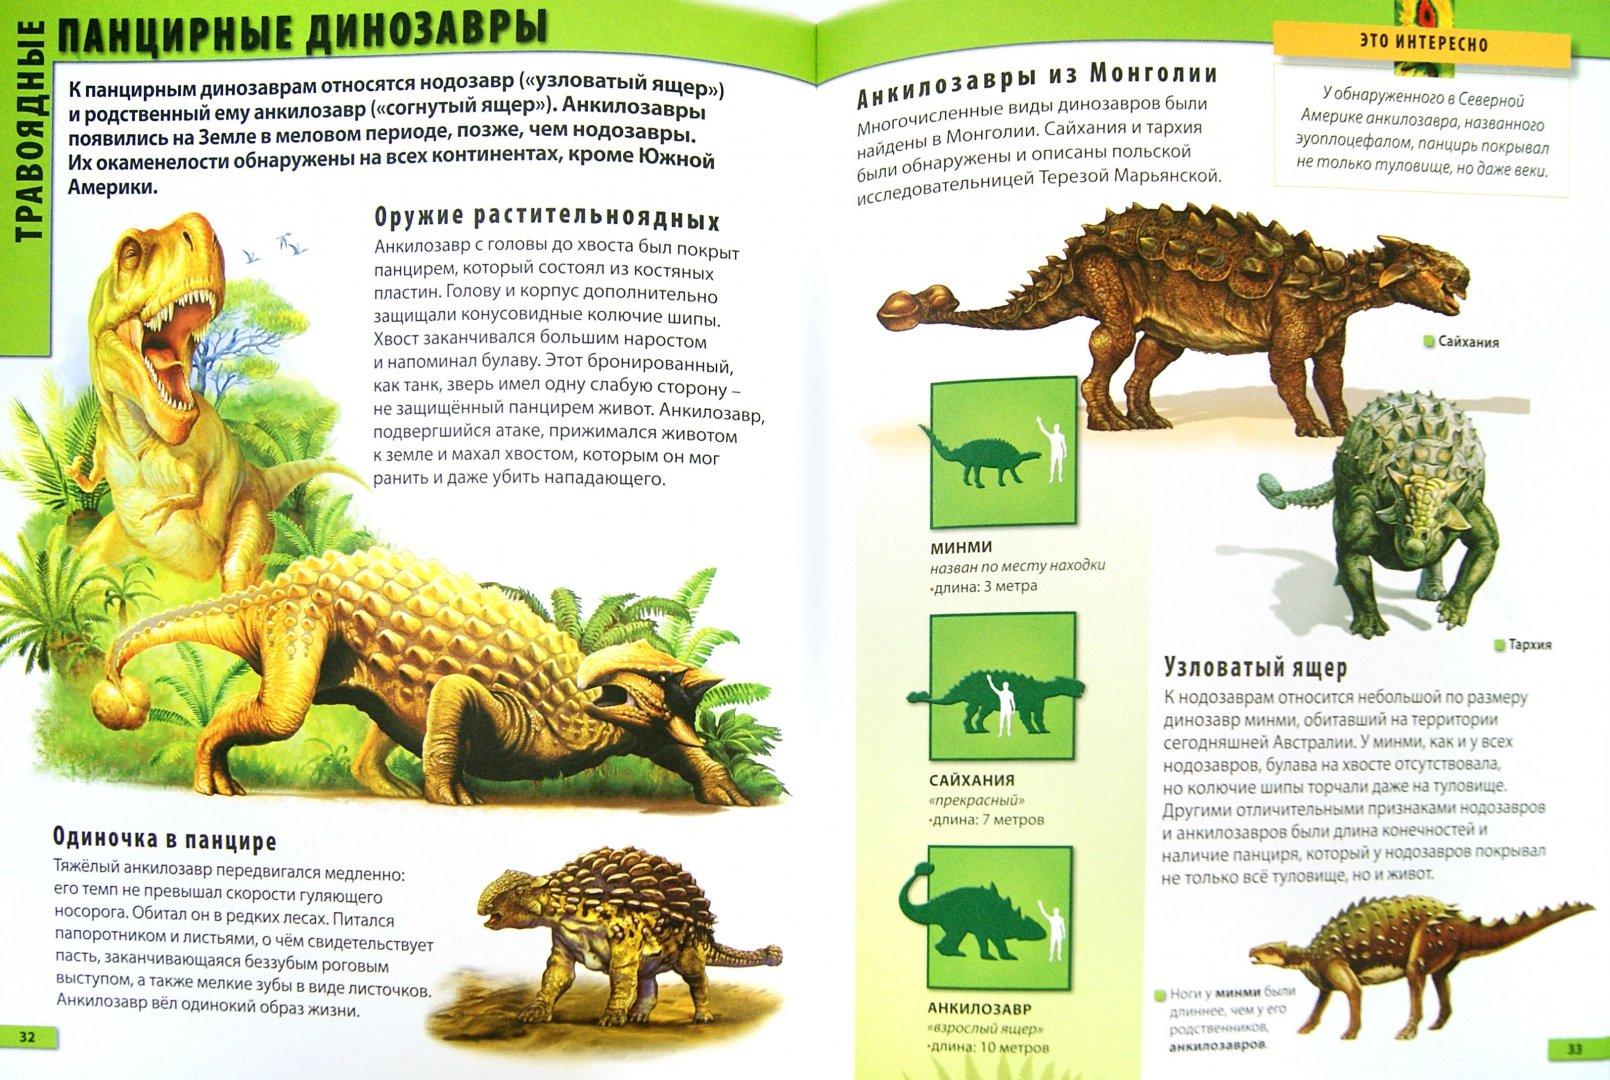 Иллюстрация 1 из 15 для Динозавры - Барбара Маевская | Лабиринт - книги. Источник: Лабиринт